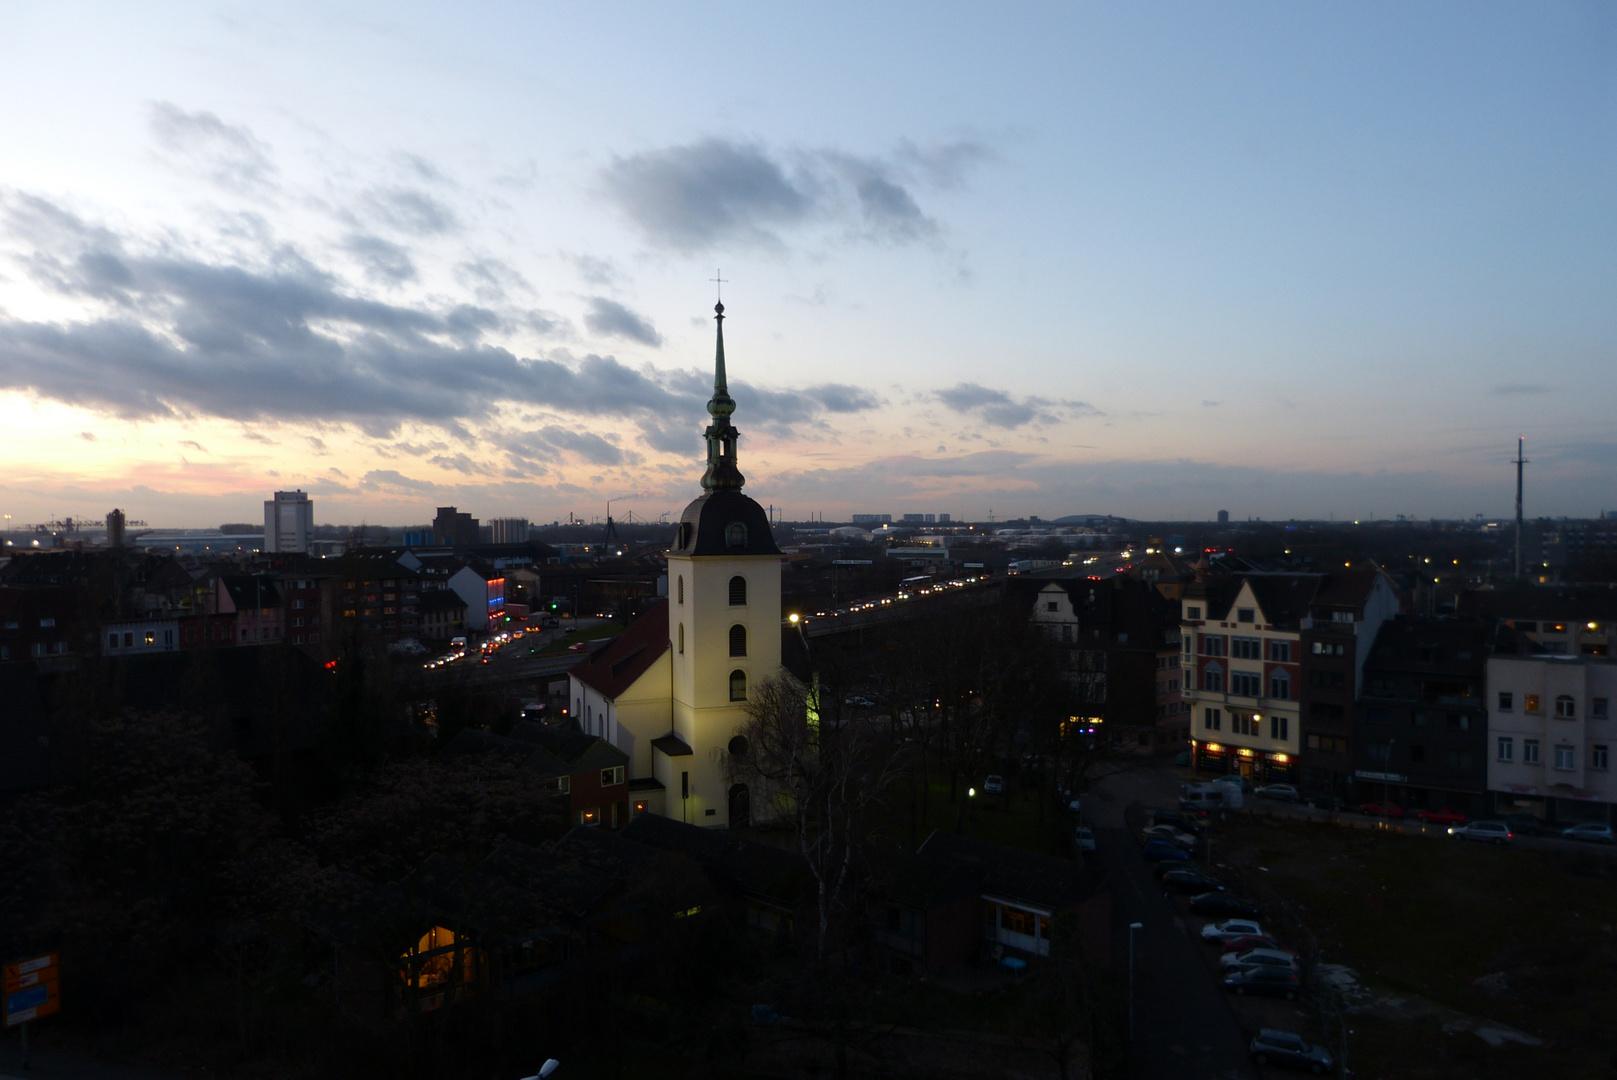 Duisburg Marienkirche